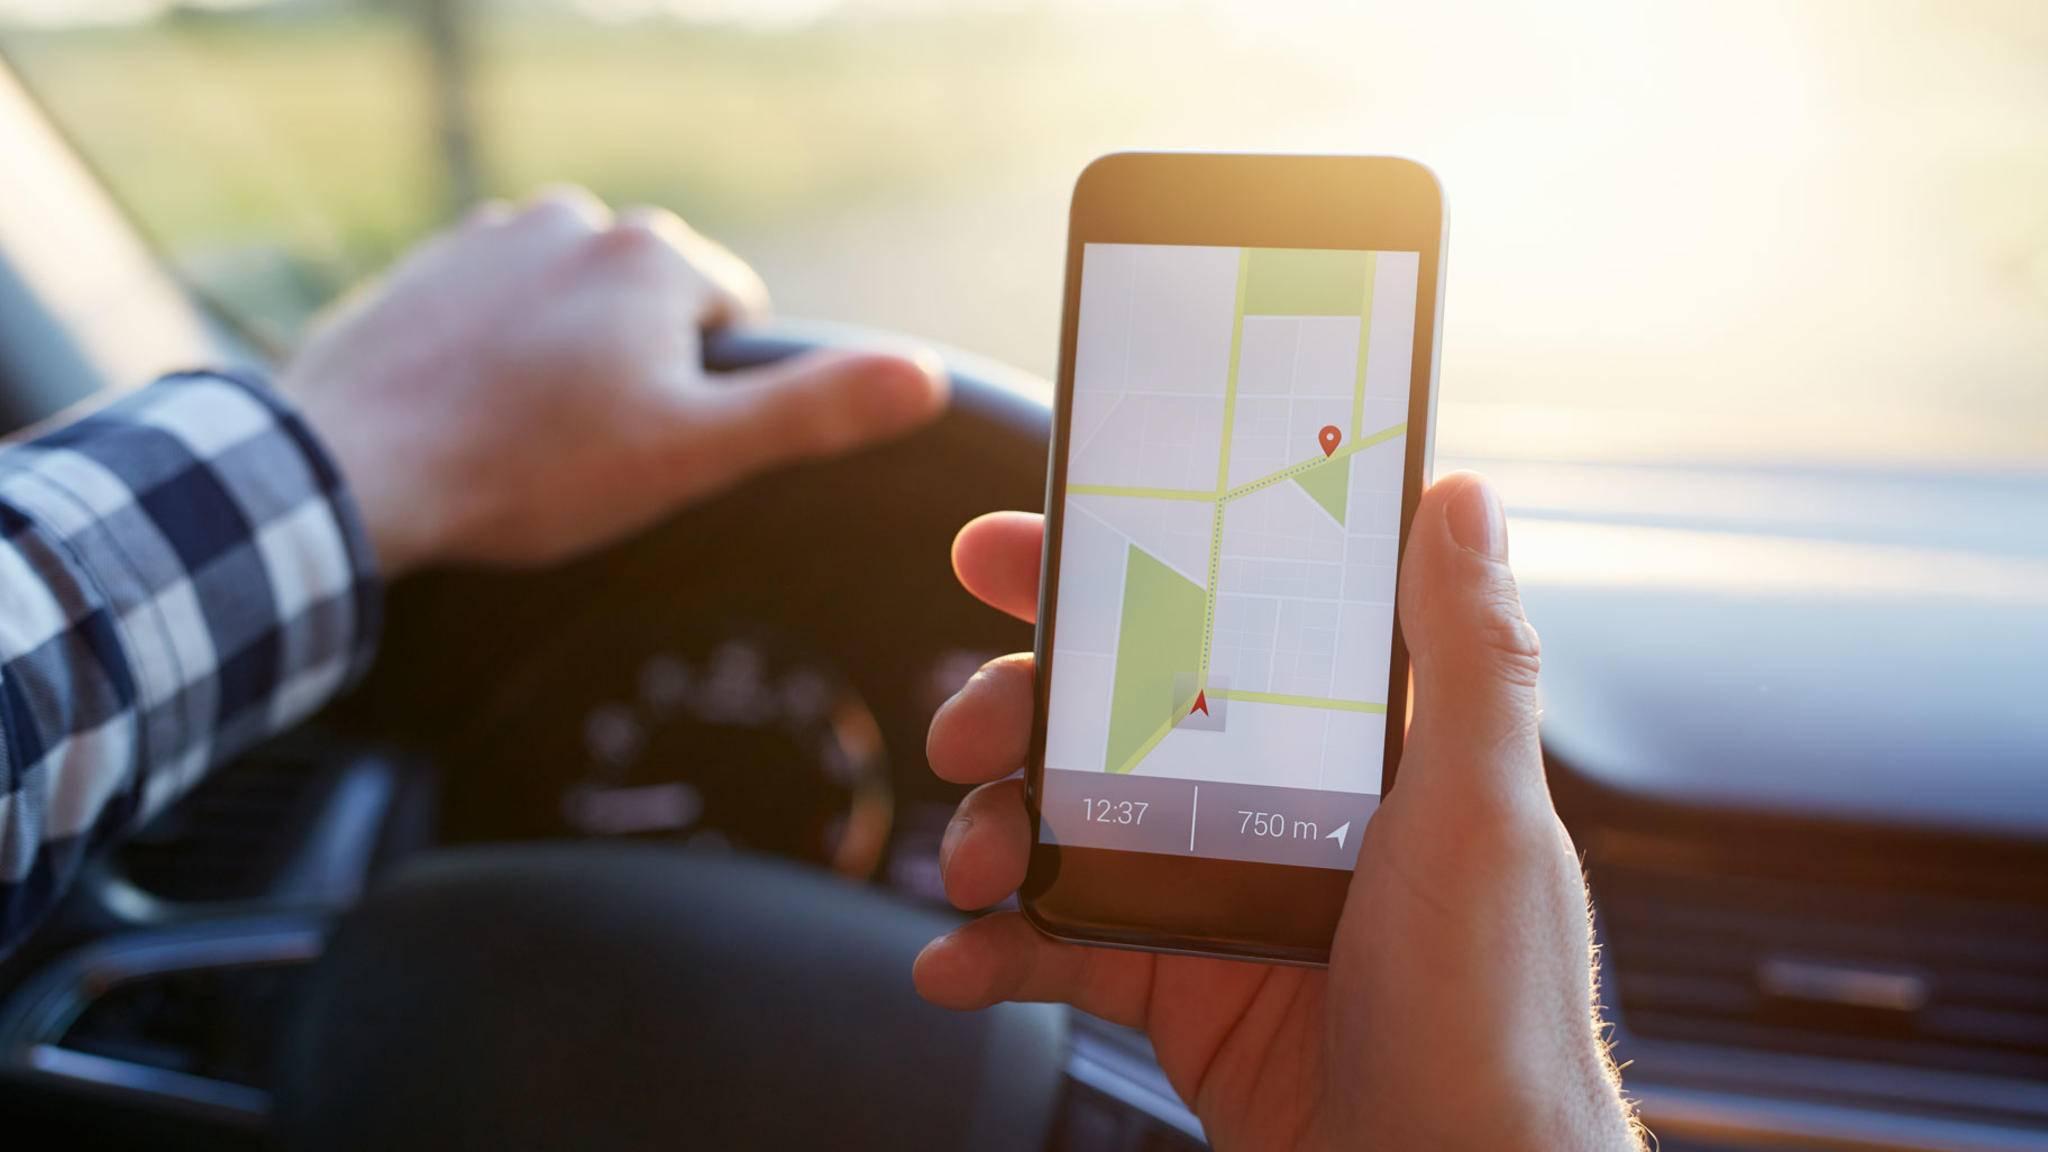 Blitzer-Apps am Steuer: Das kann schnell teuer werden.